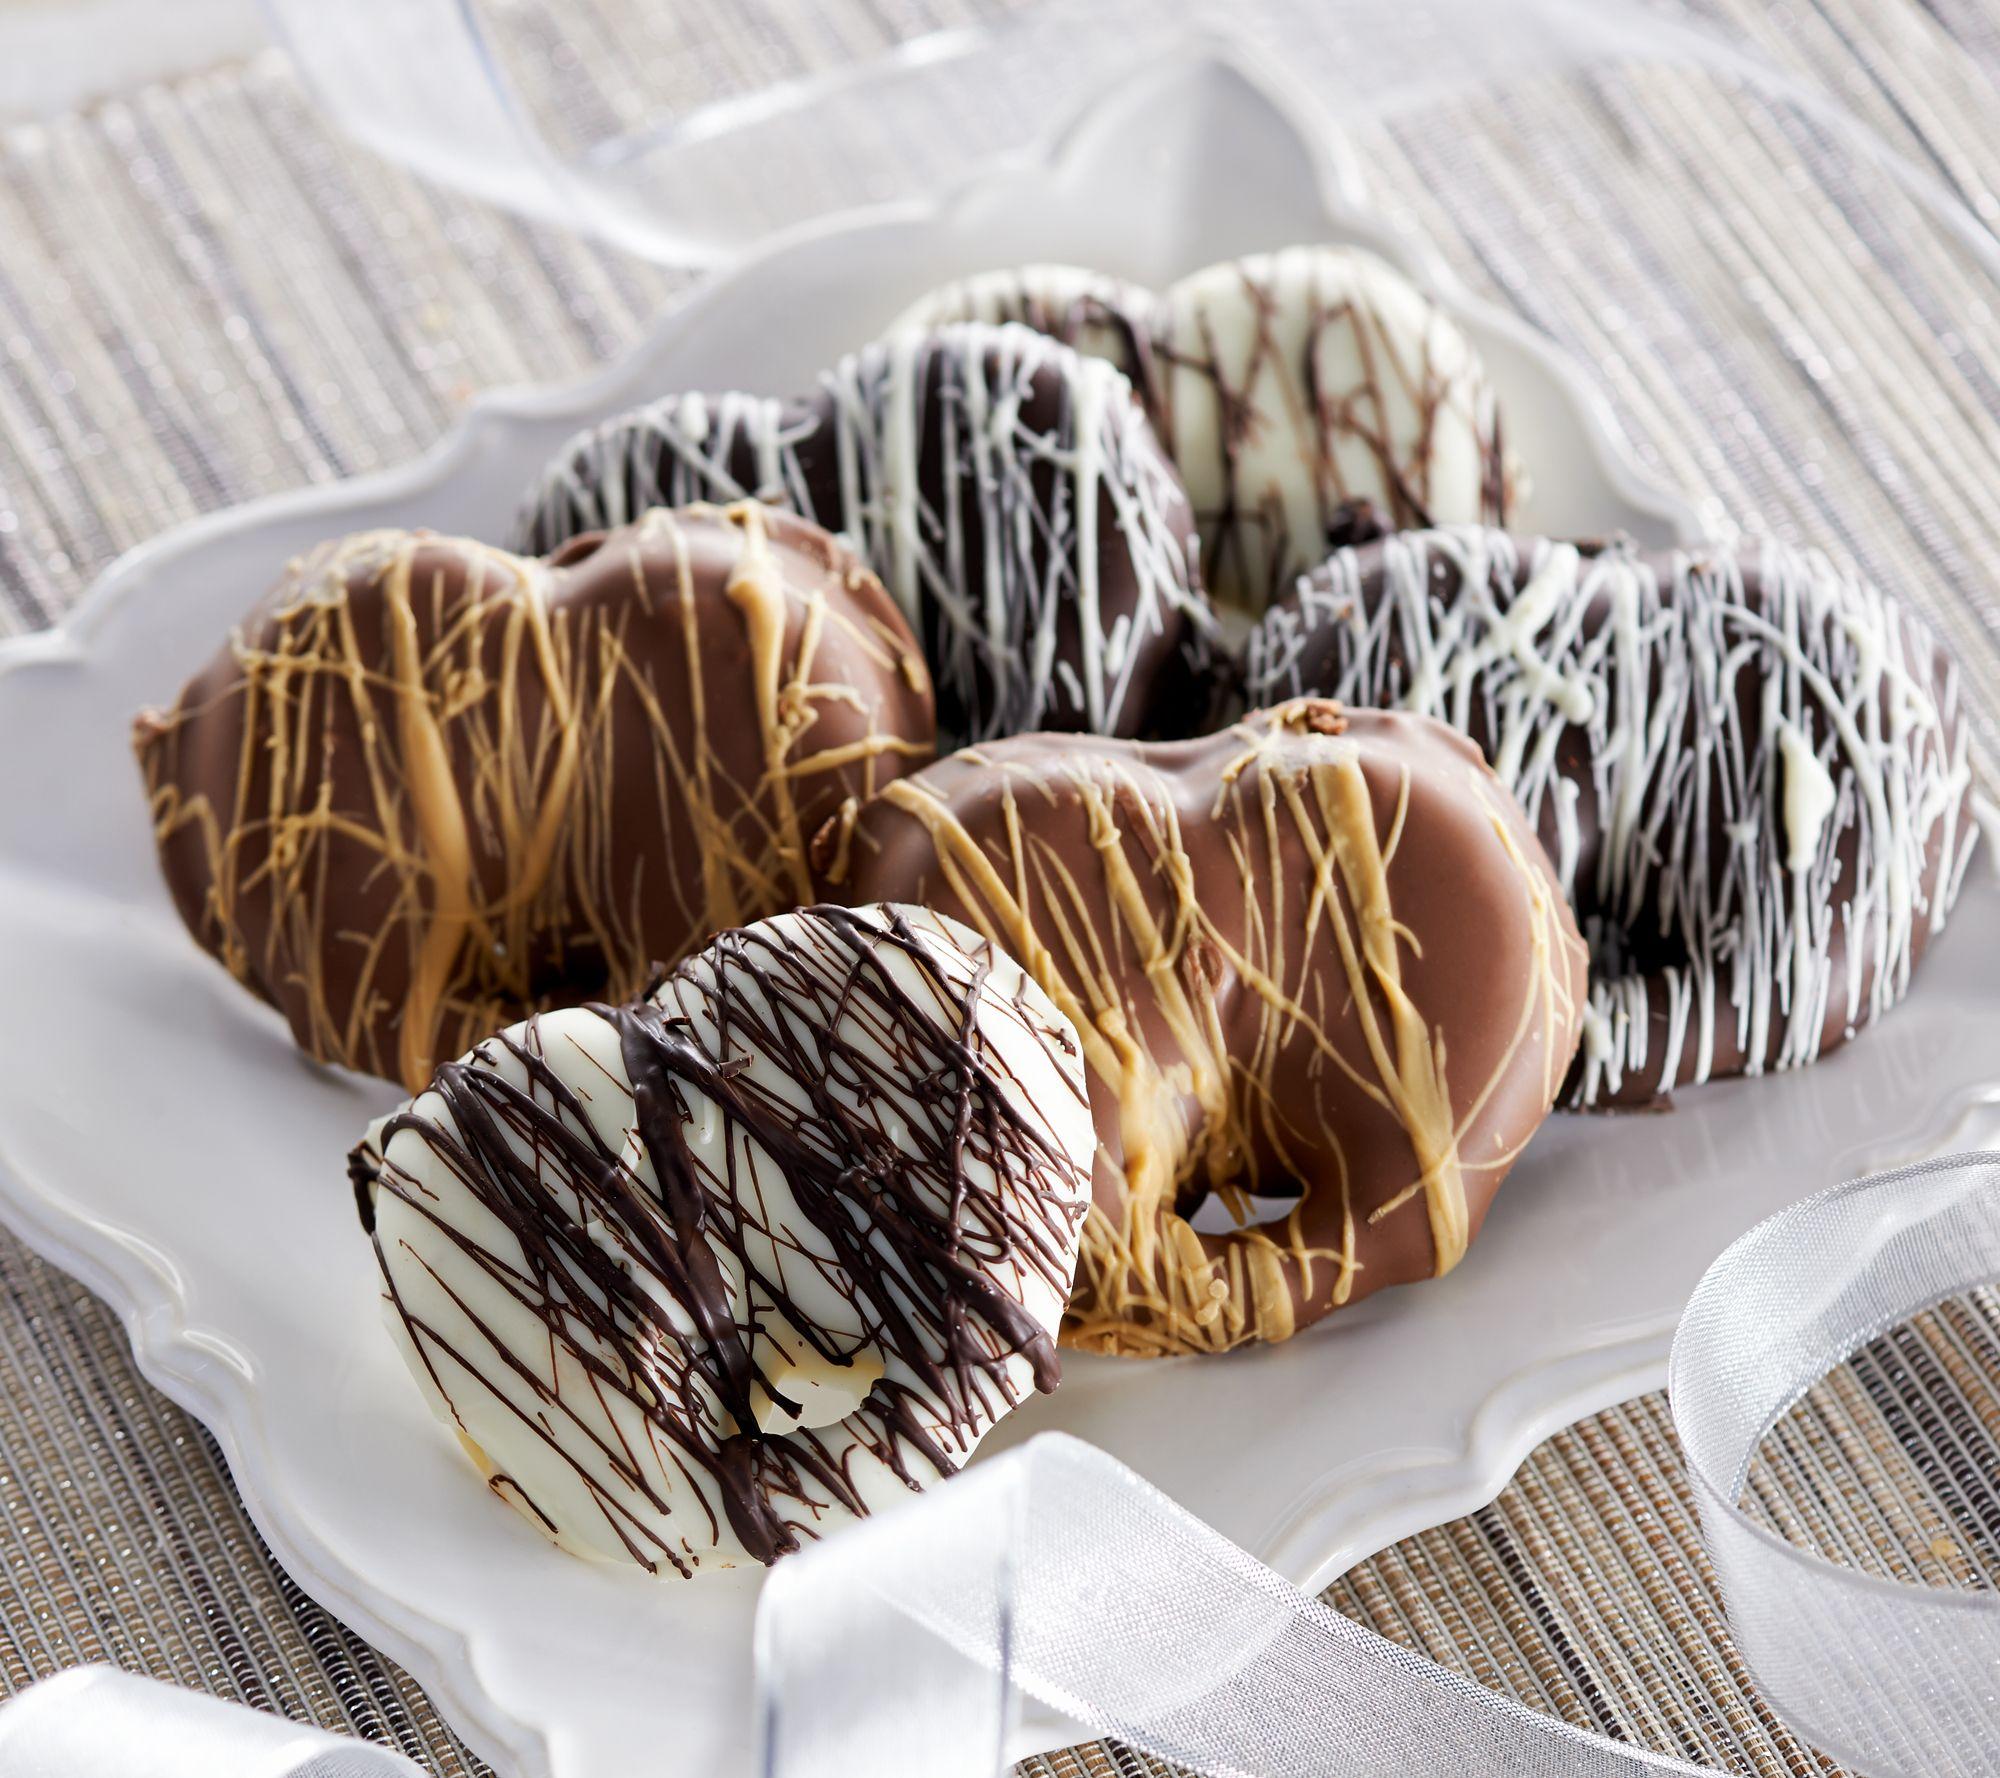 Landies Candies 24 Piece Chocolate Pretzel Collection